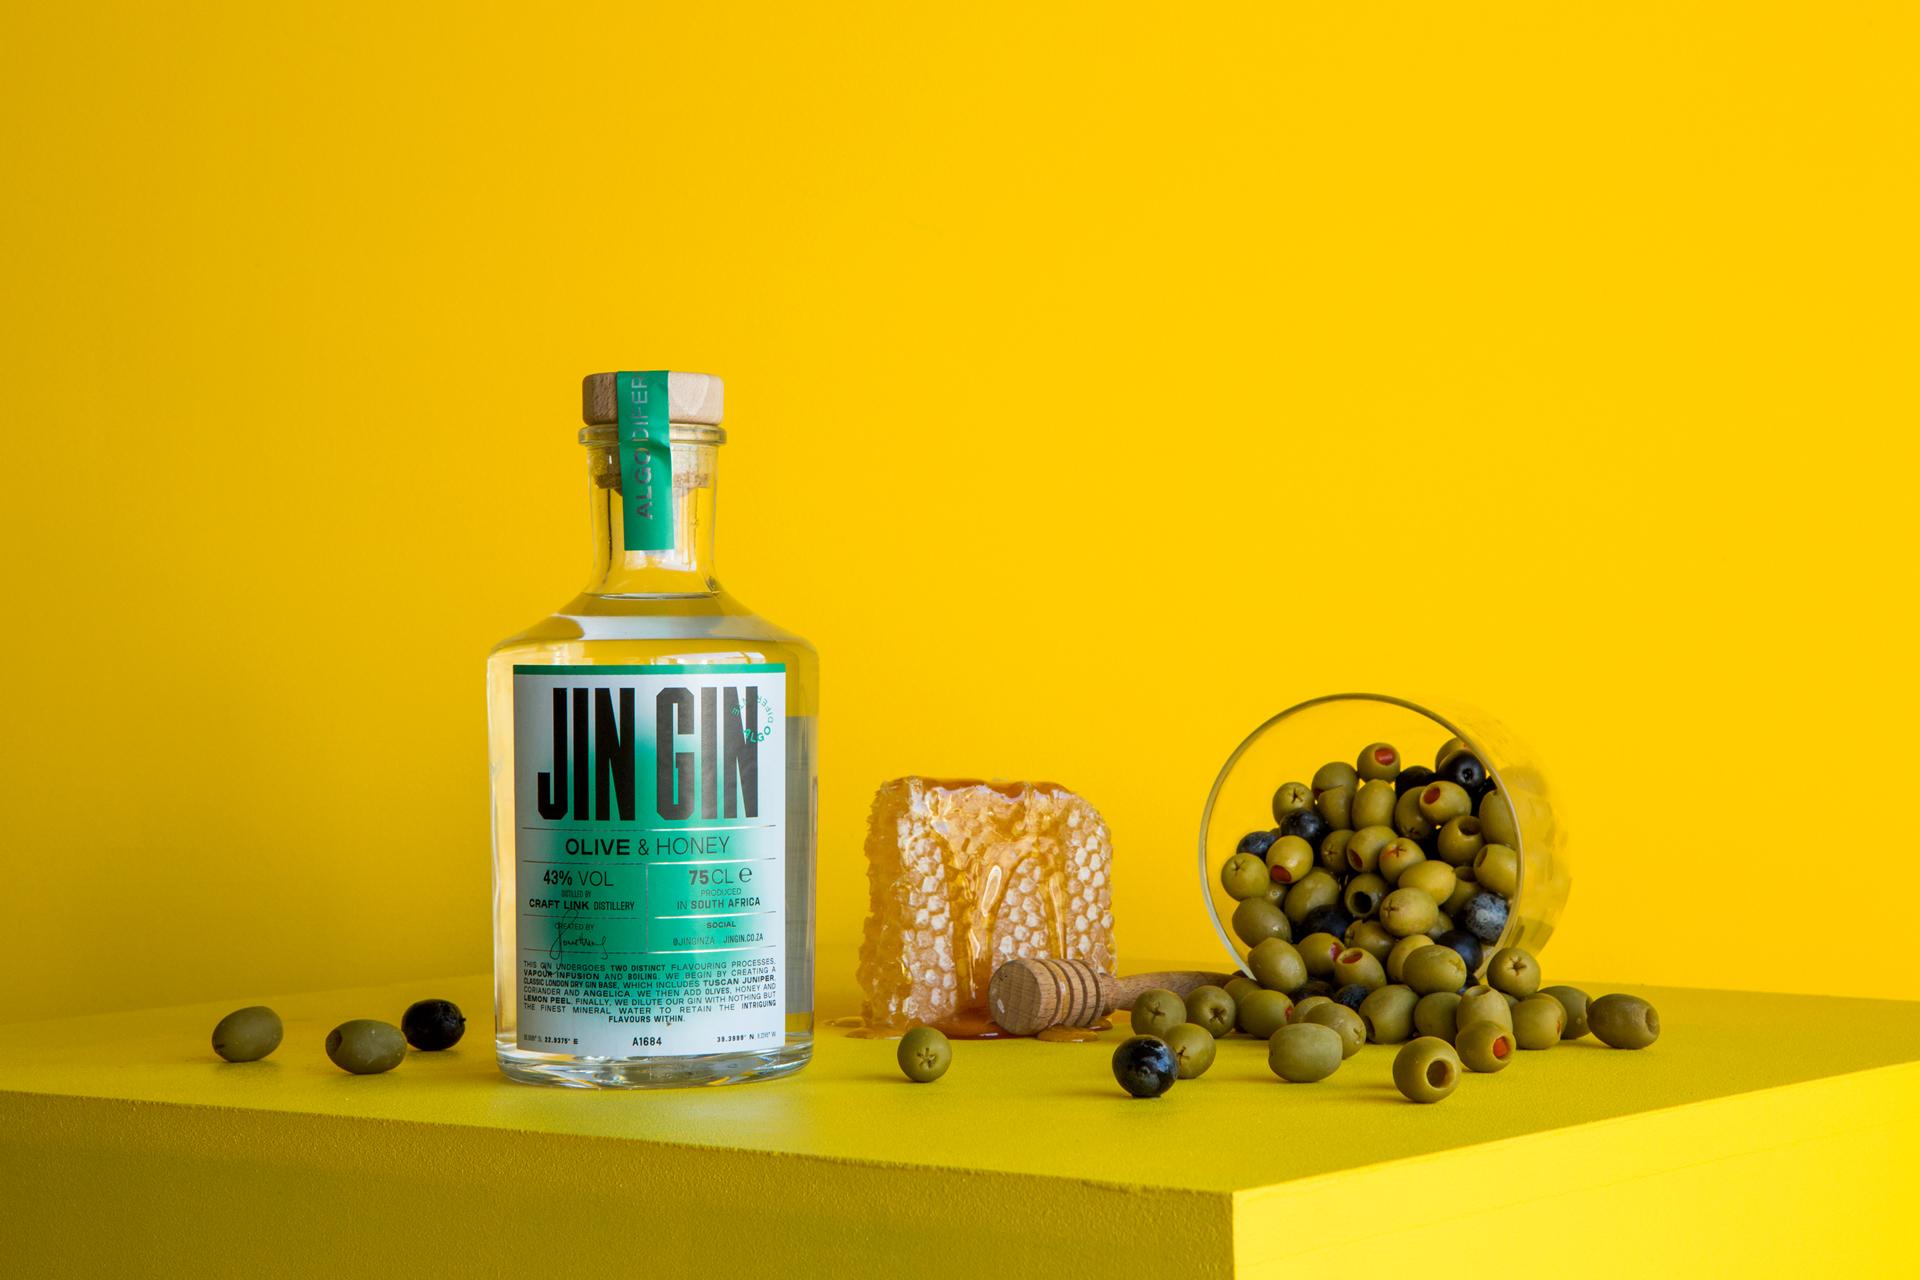 Jin-Gin-Olive-&-Honey.jpg